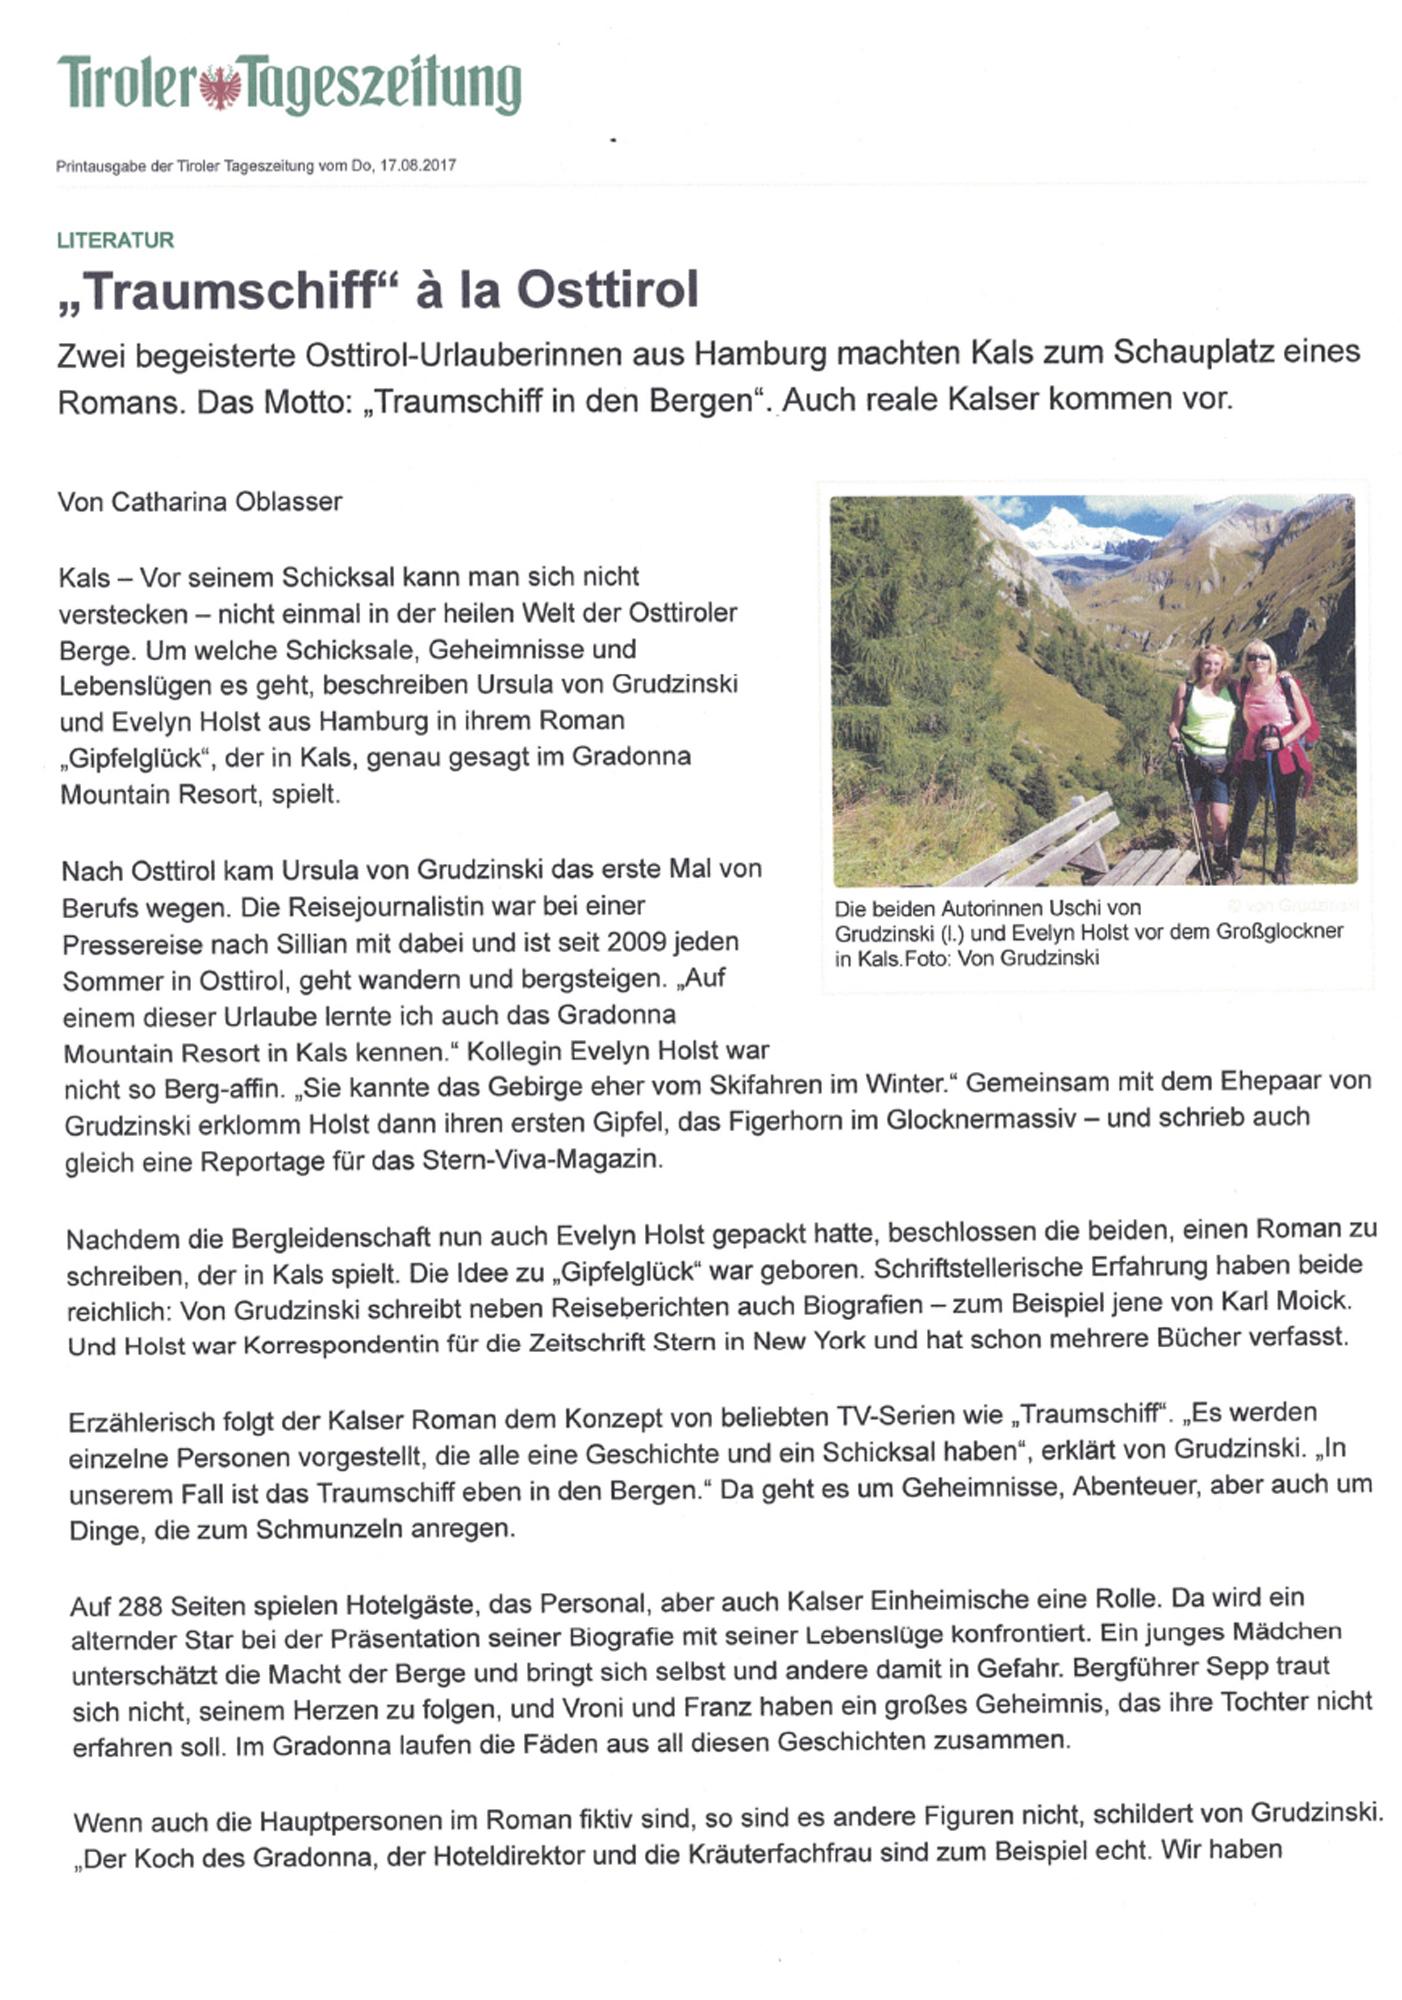 Tiroler Tageszeitung, 17.8.2017